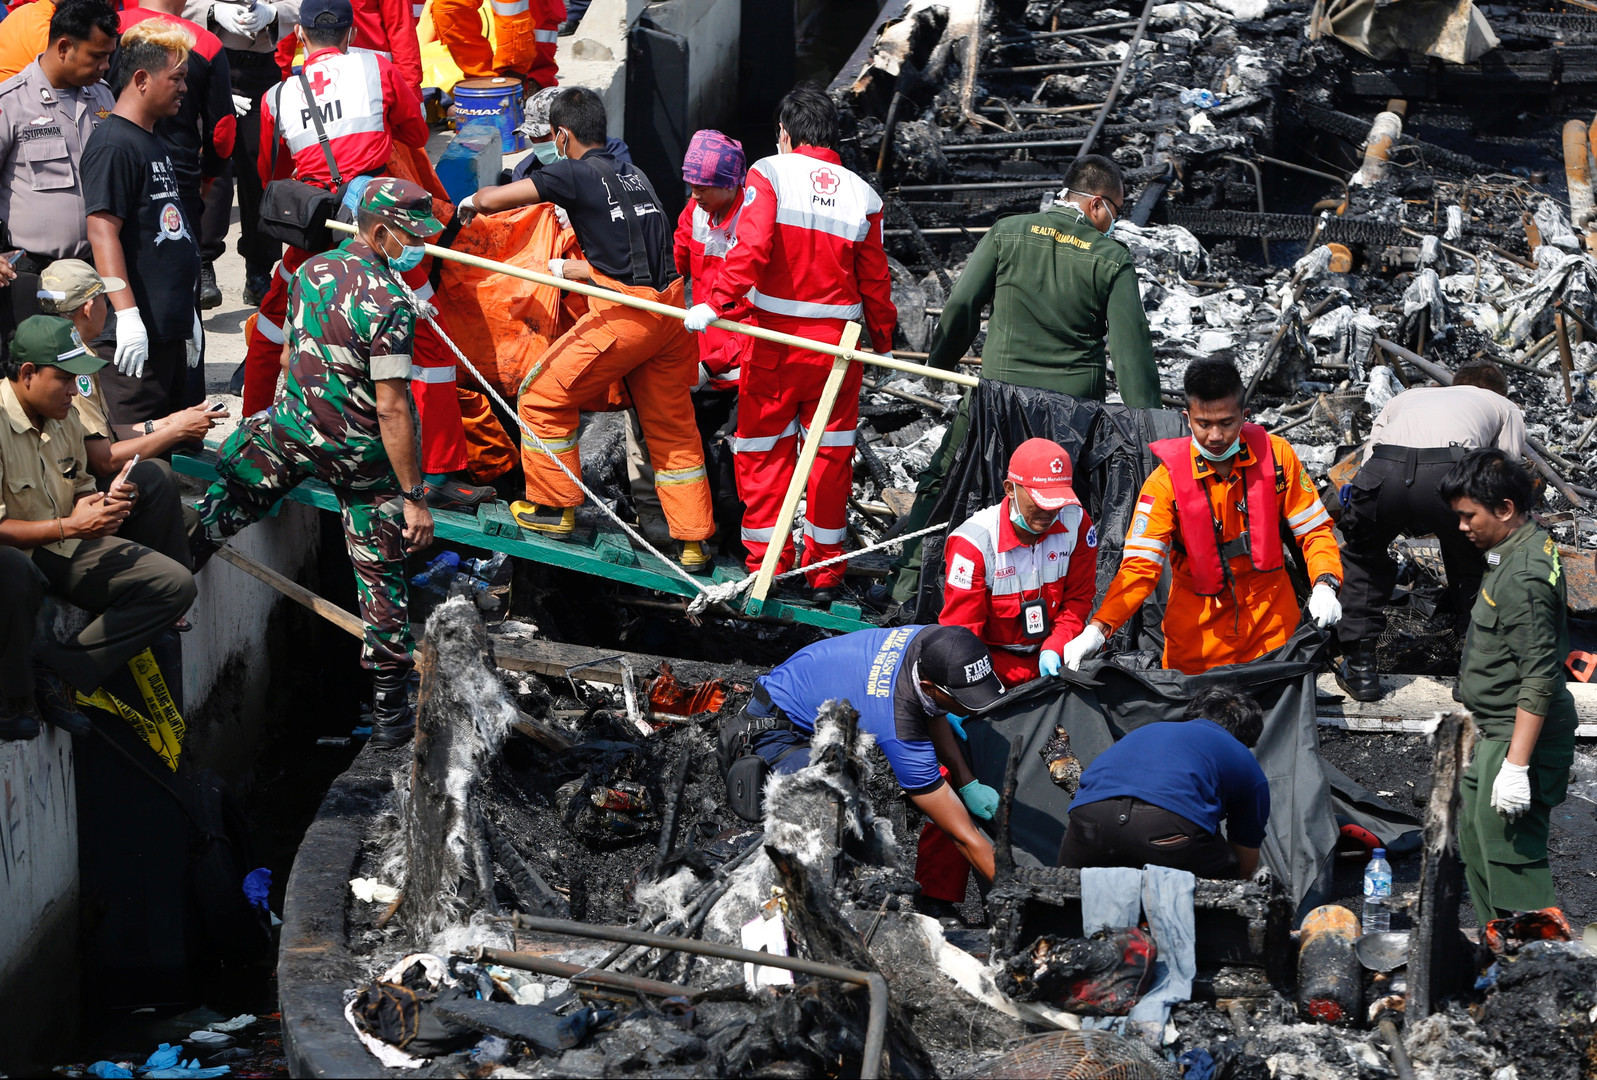 Indonésie : 23 personnes seraient mortes dans un incendie à bord d'un bateau